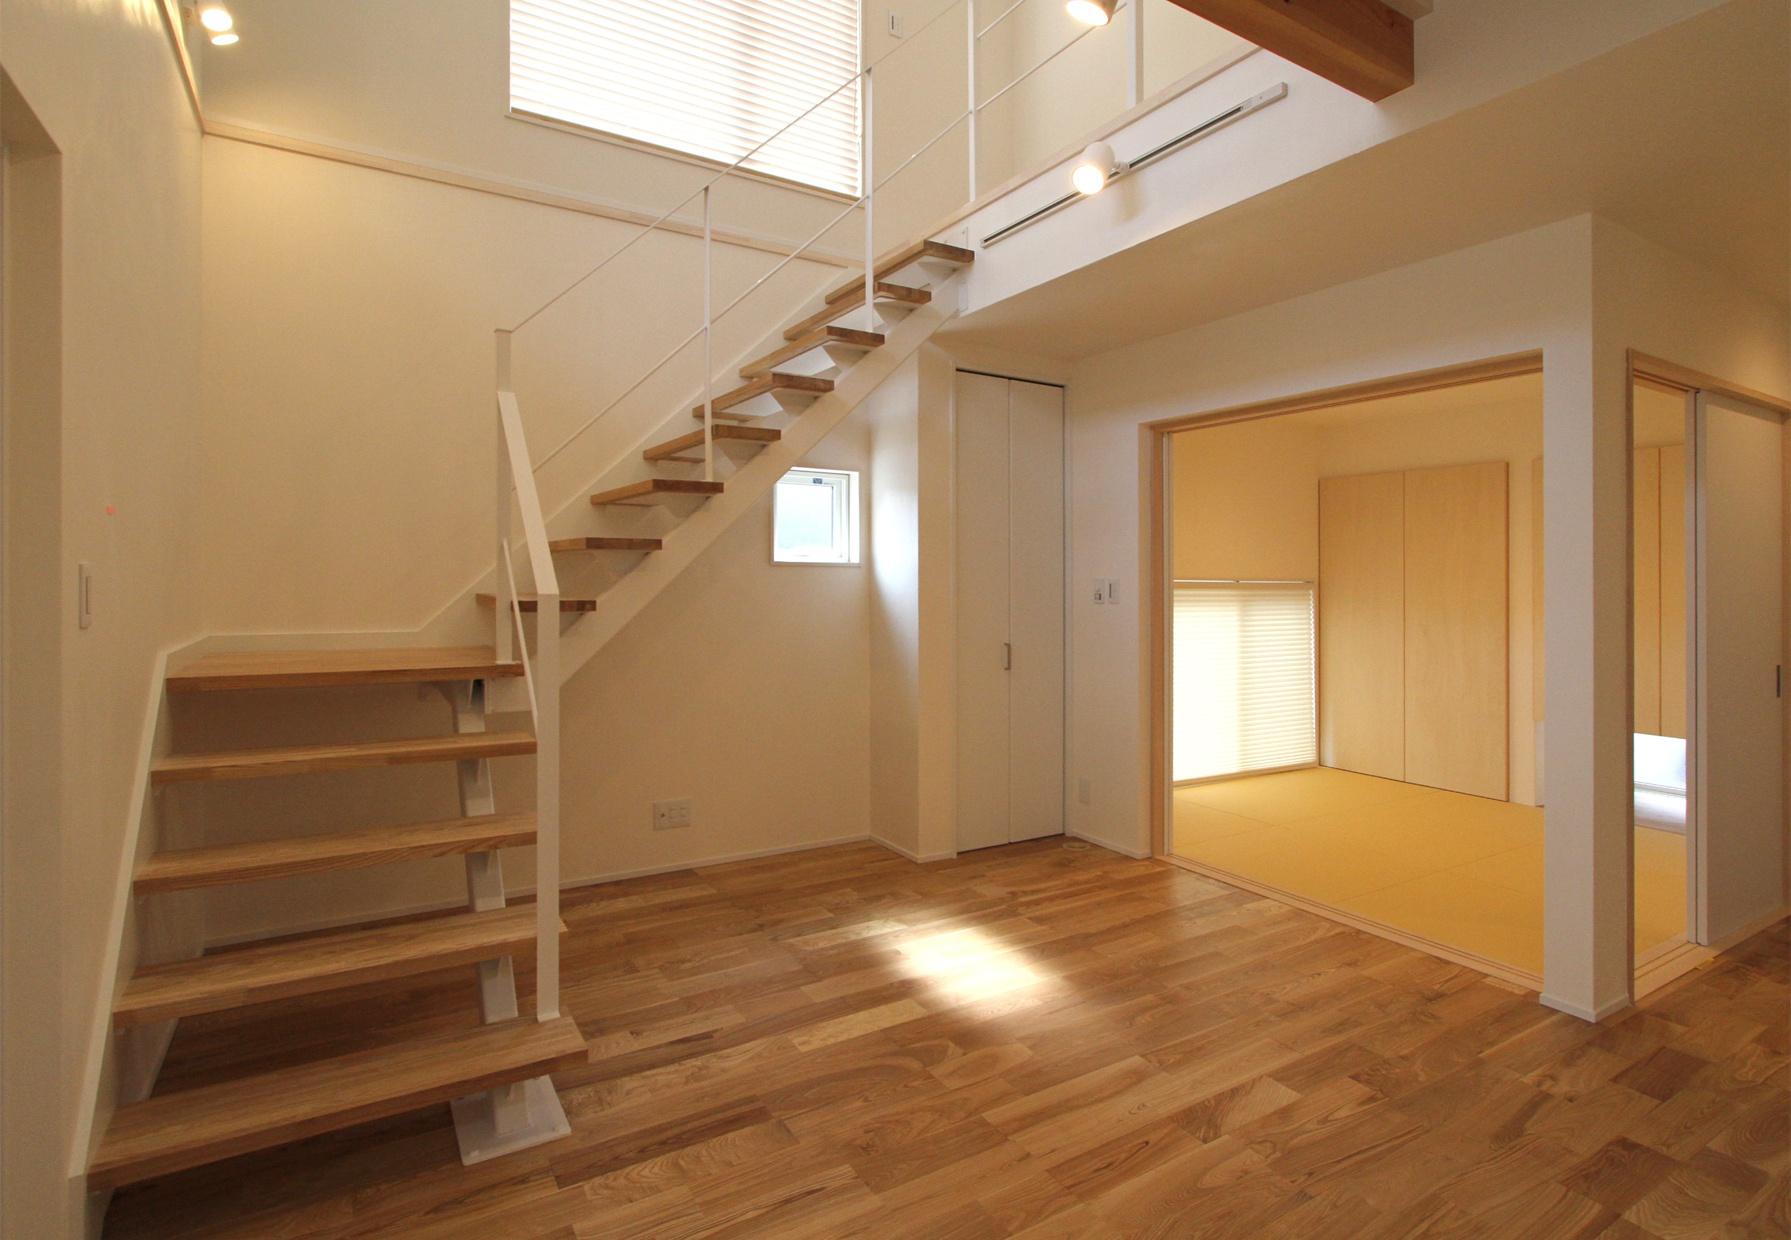 建物中央に吹抜けのリビングを配置し、壁面に沿ってオープン階段を付けるという思い切った構造は、切妻屋根のシンプルな外観デザインからは想像できない。1階には野球のバットにも使われるタモ材の無垢フローリングが使われている。